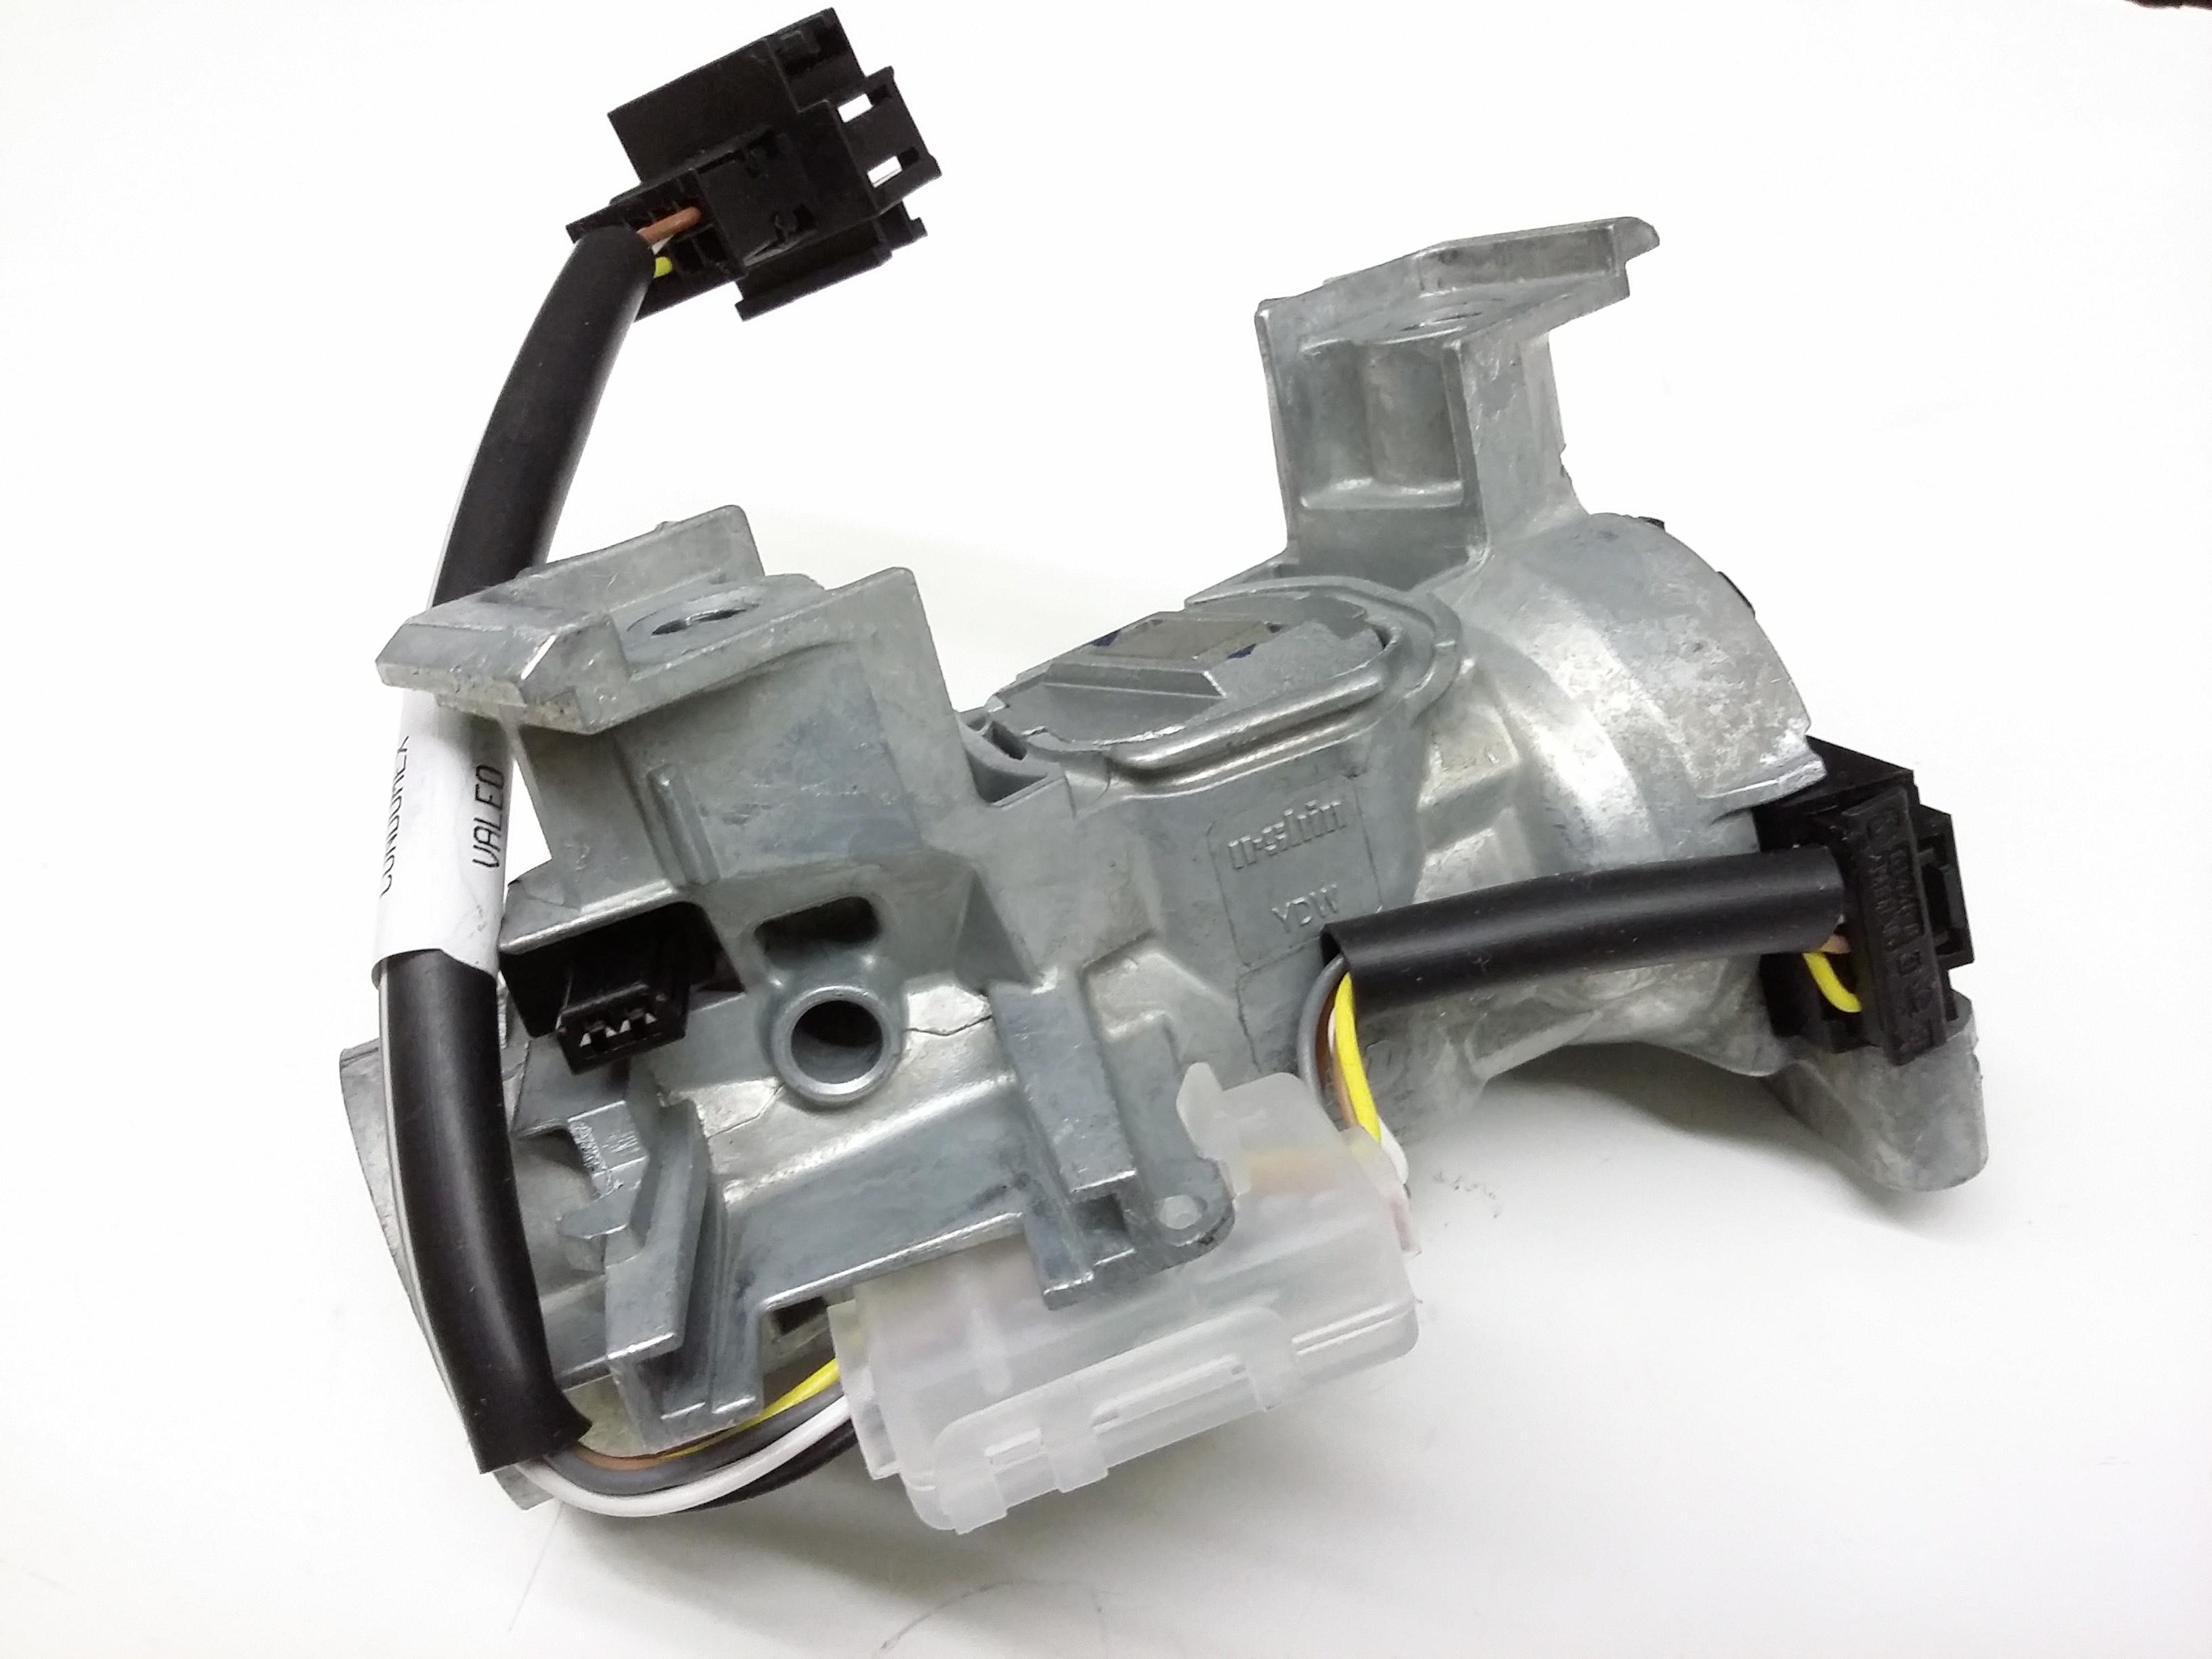 Volkswagen Jetta Steering Column Lock With Ignition Switch